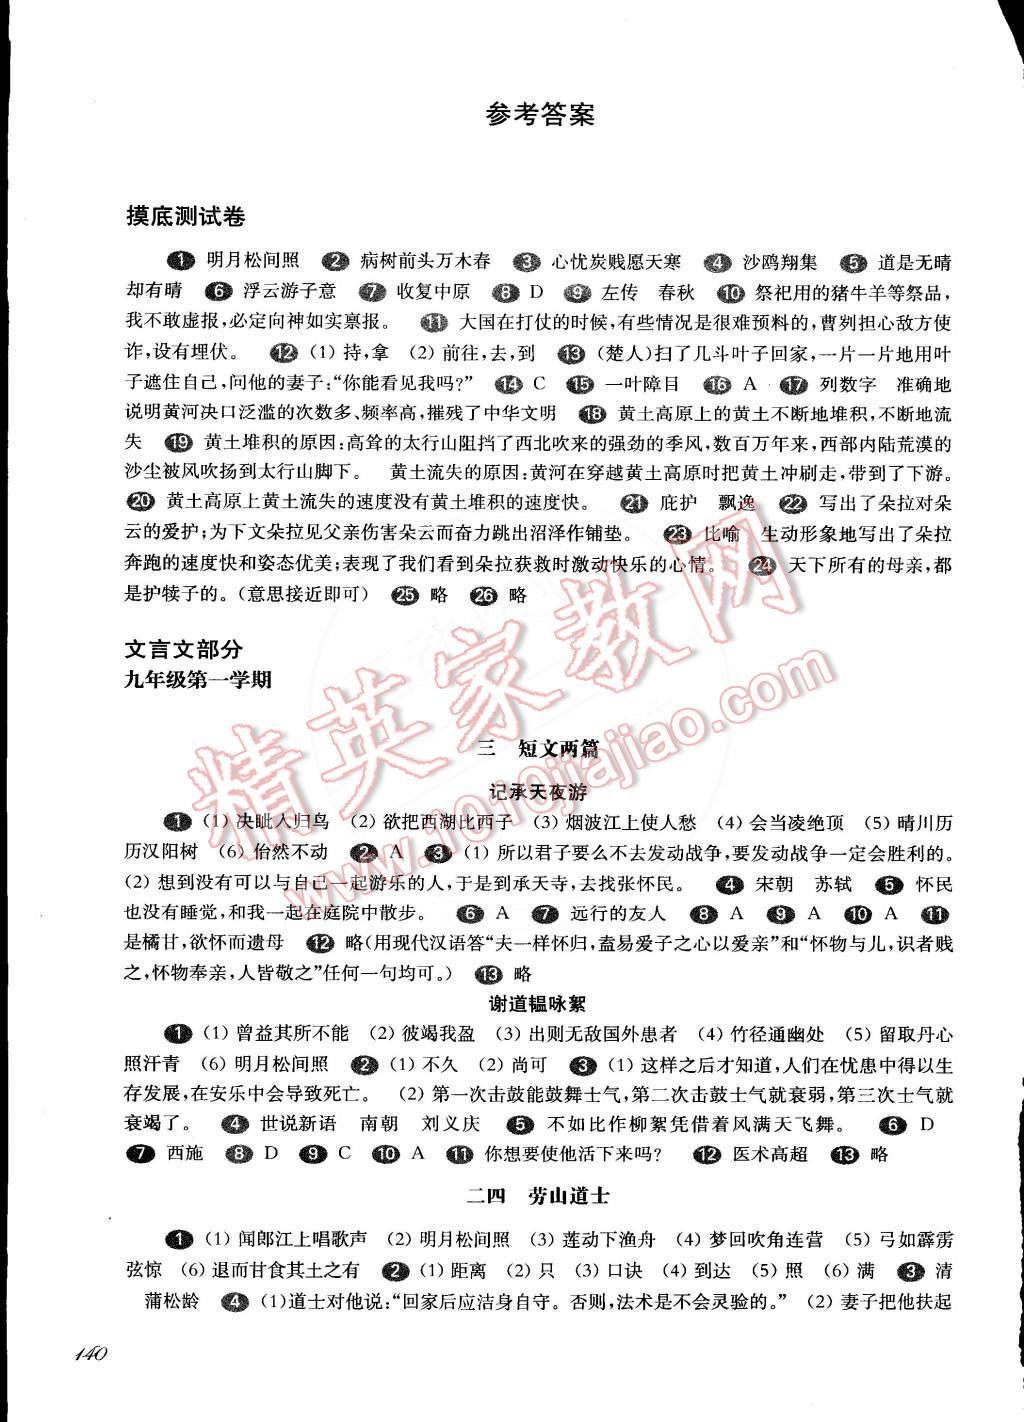 2014年一课一练九年级语文全一册华东师大版第1页